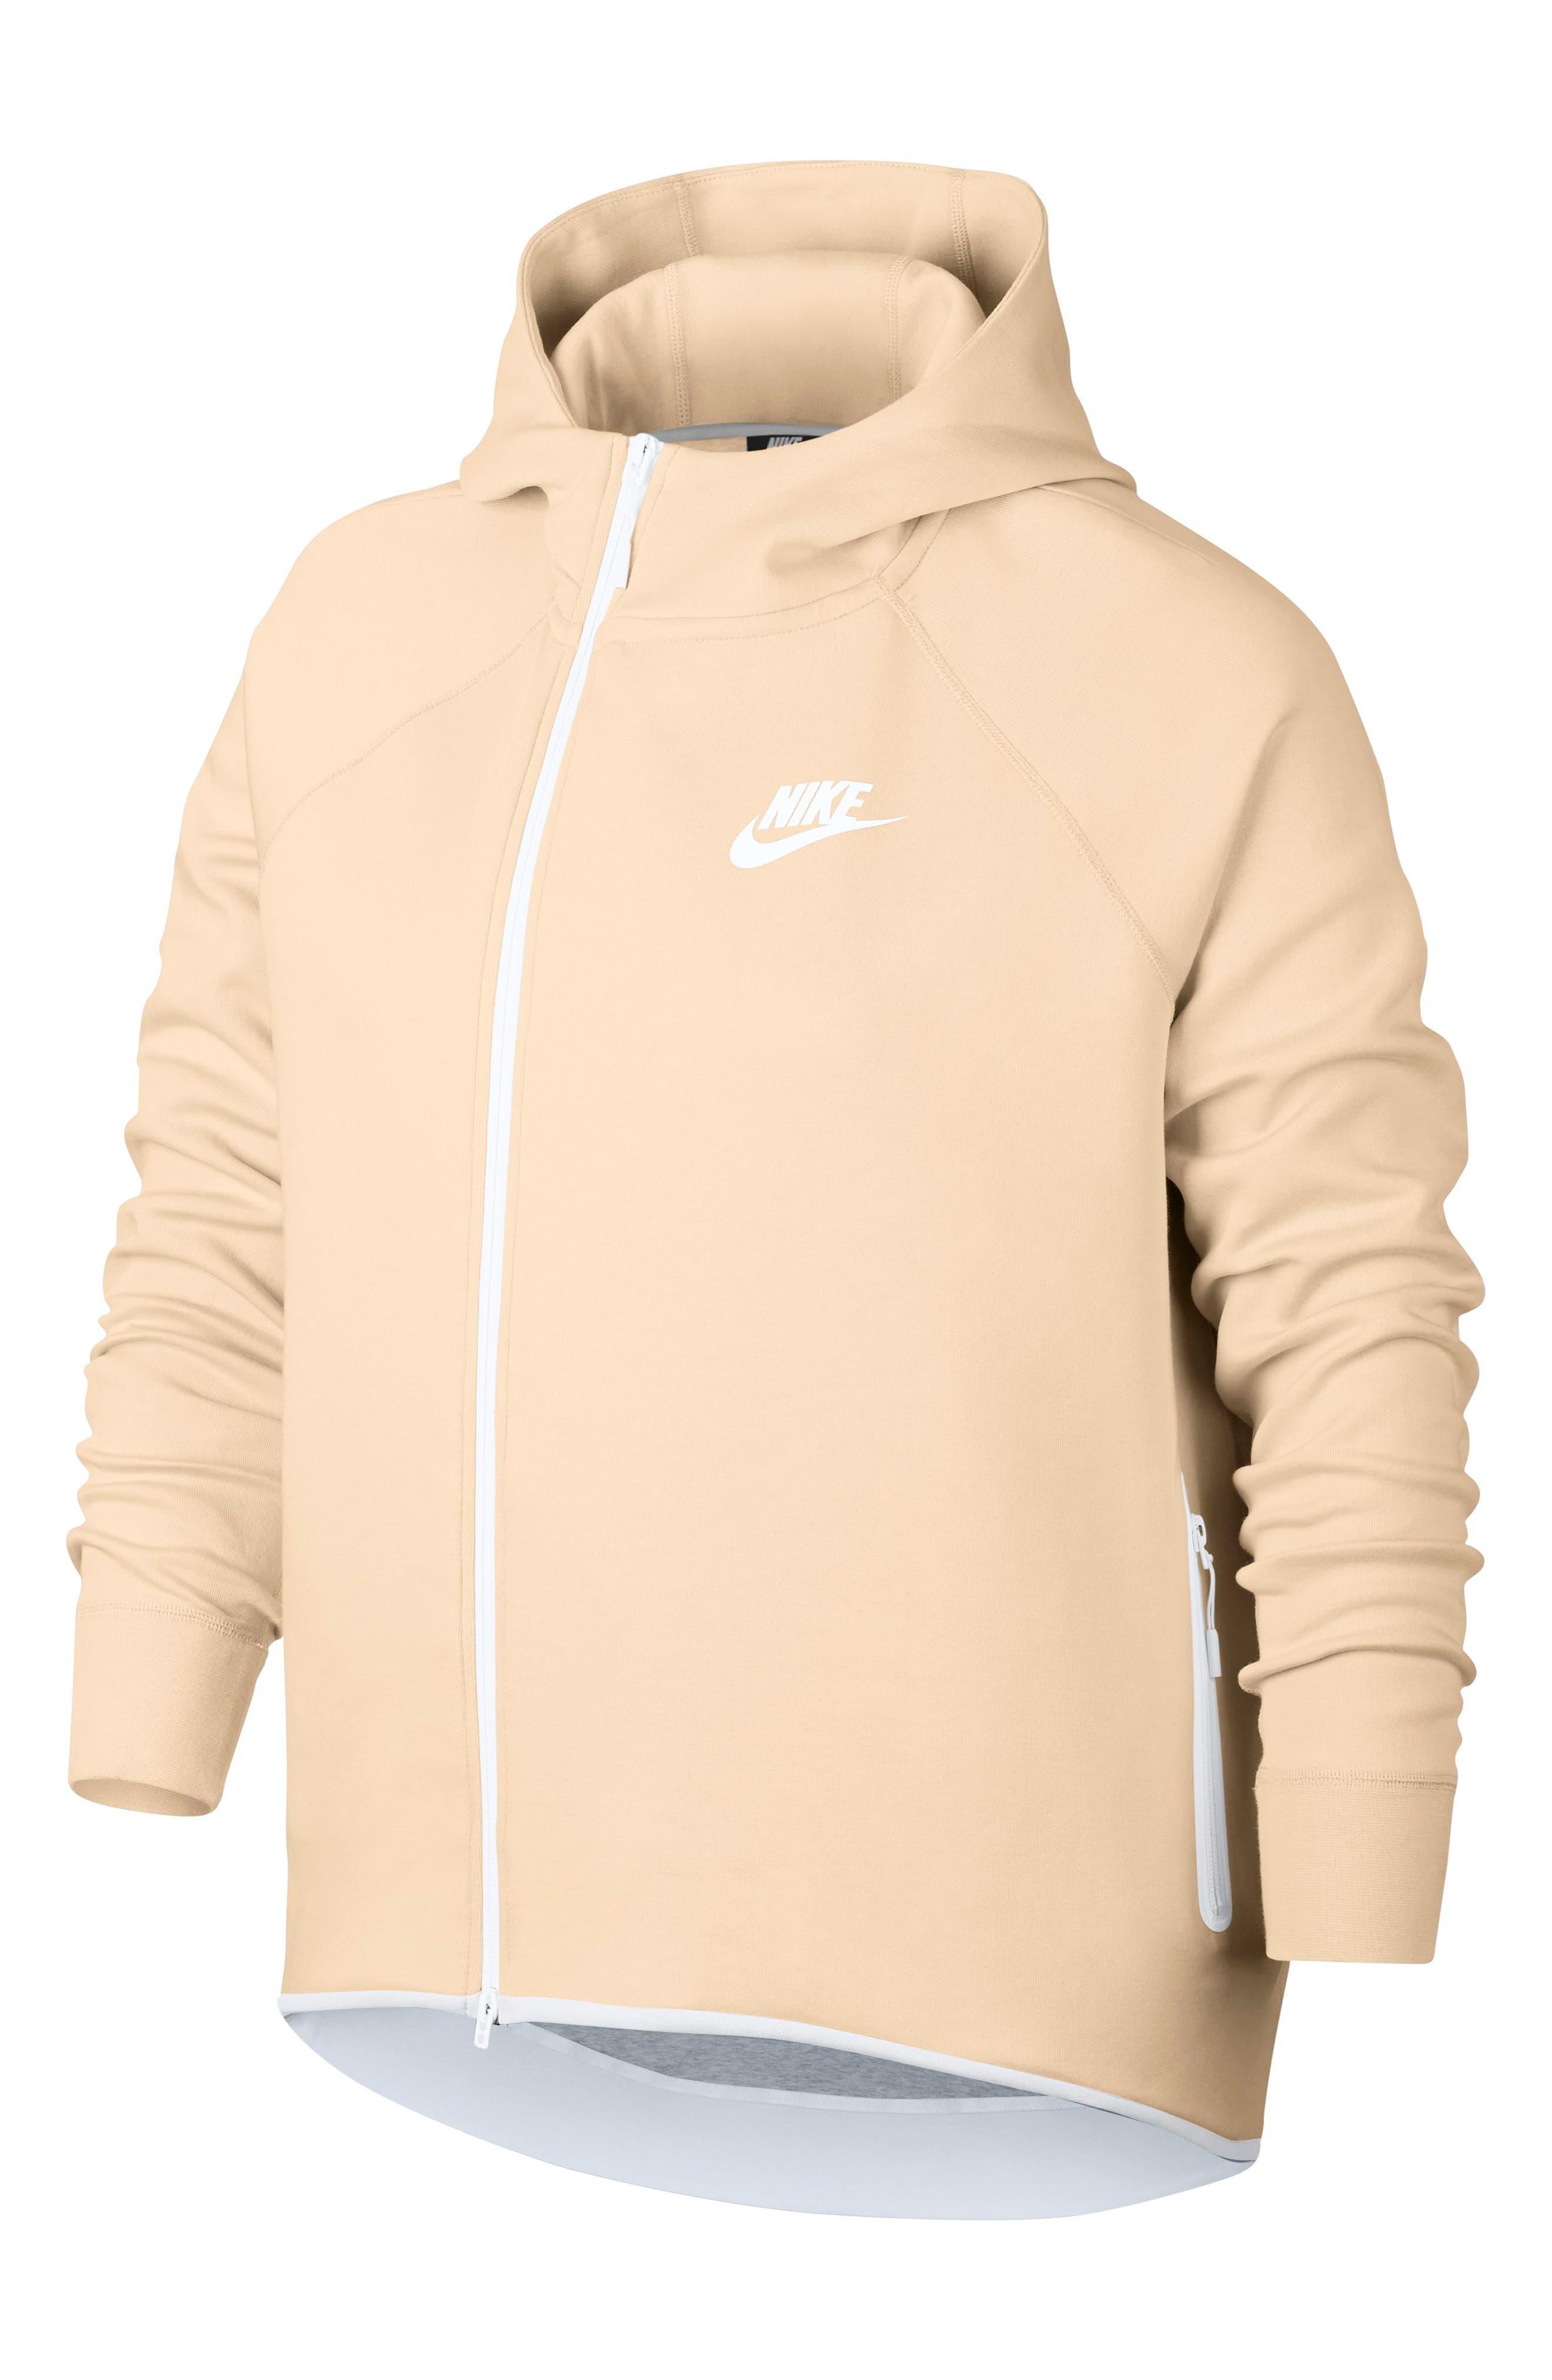 Plus Size Nike Sportswear Tech Fleece Cape Jacket